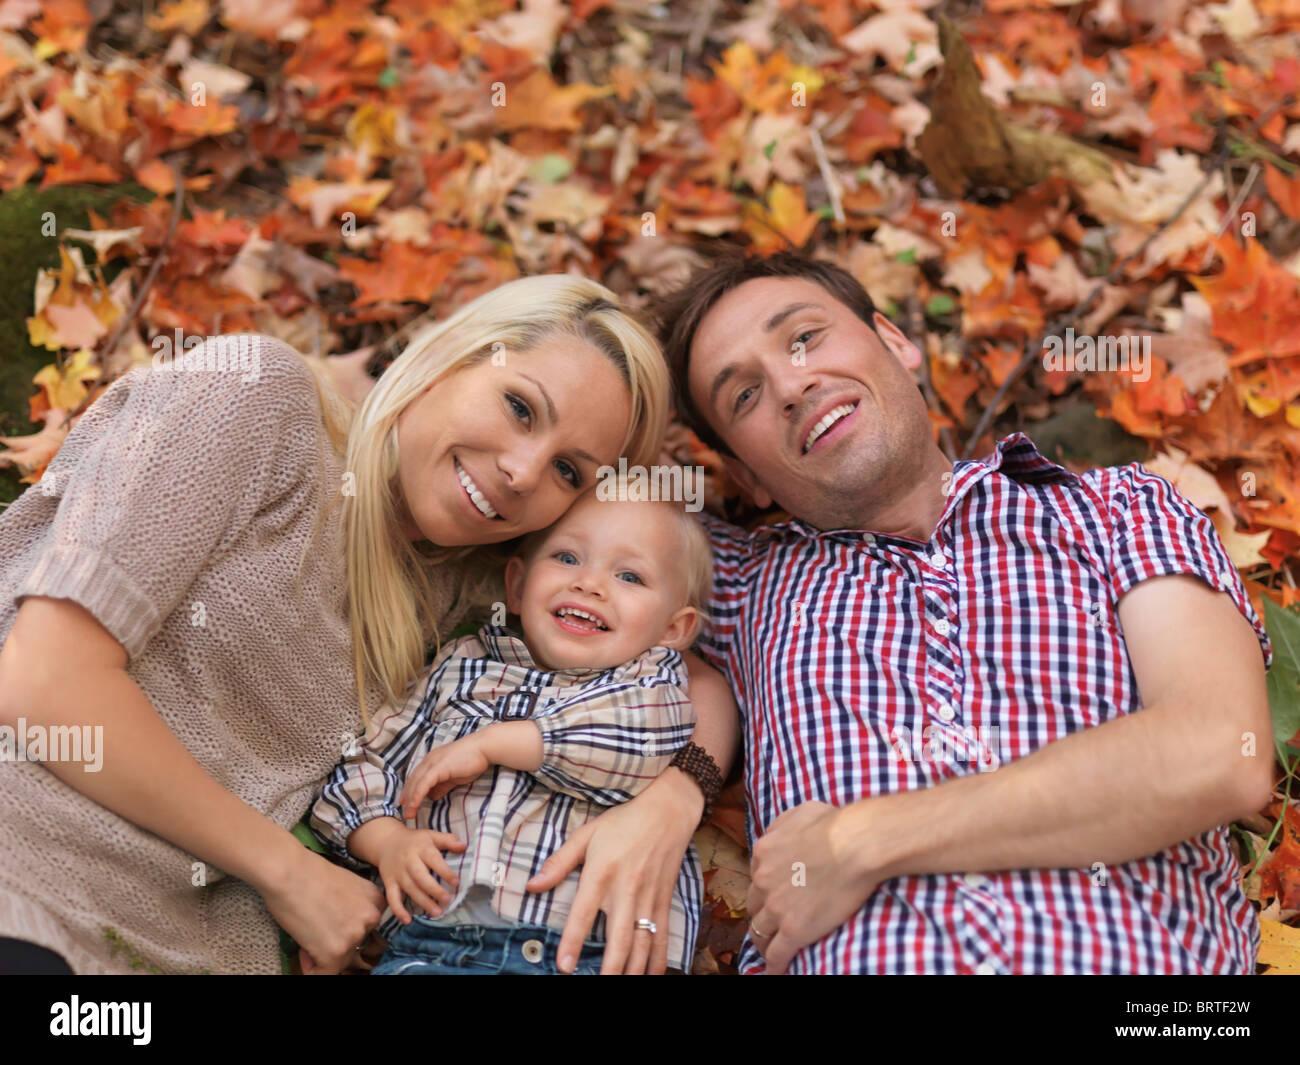 Glücklich lächelnde junge Eltern und ein zwei Jahre altes Mädchen auf bunten umgestürzten Baum Stockbild